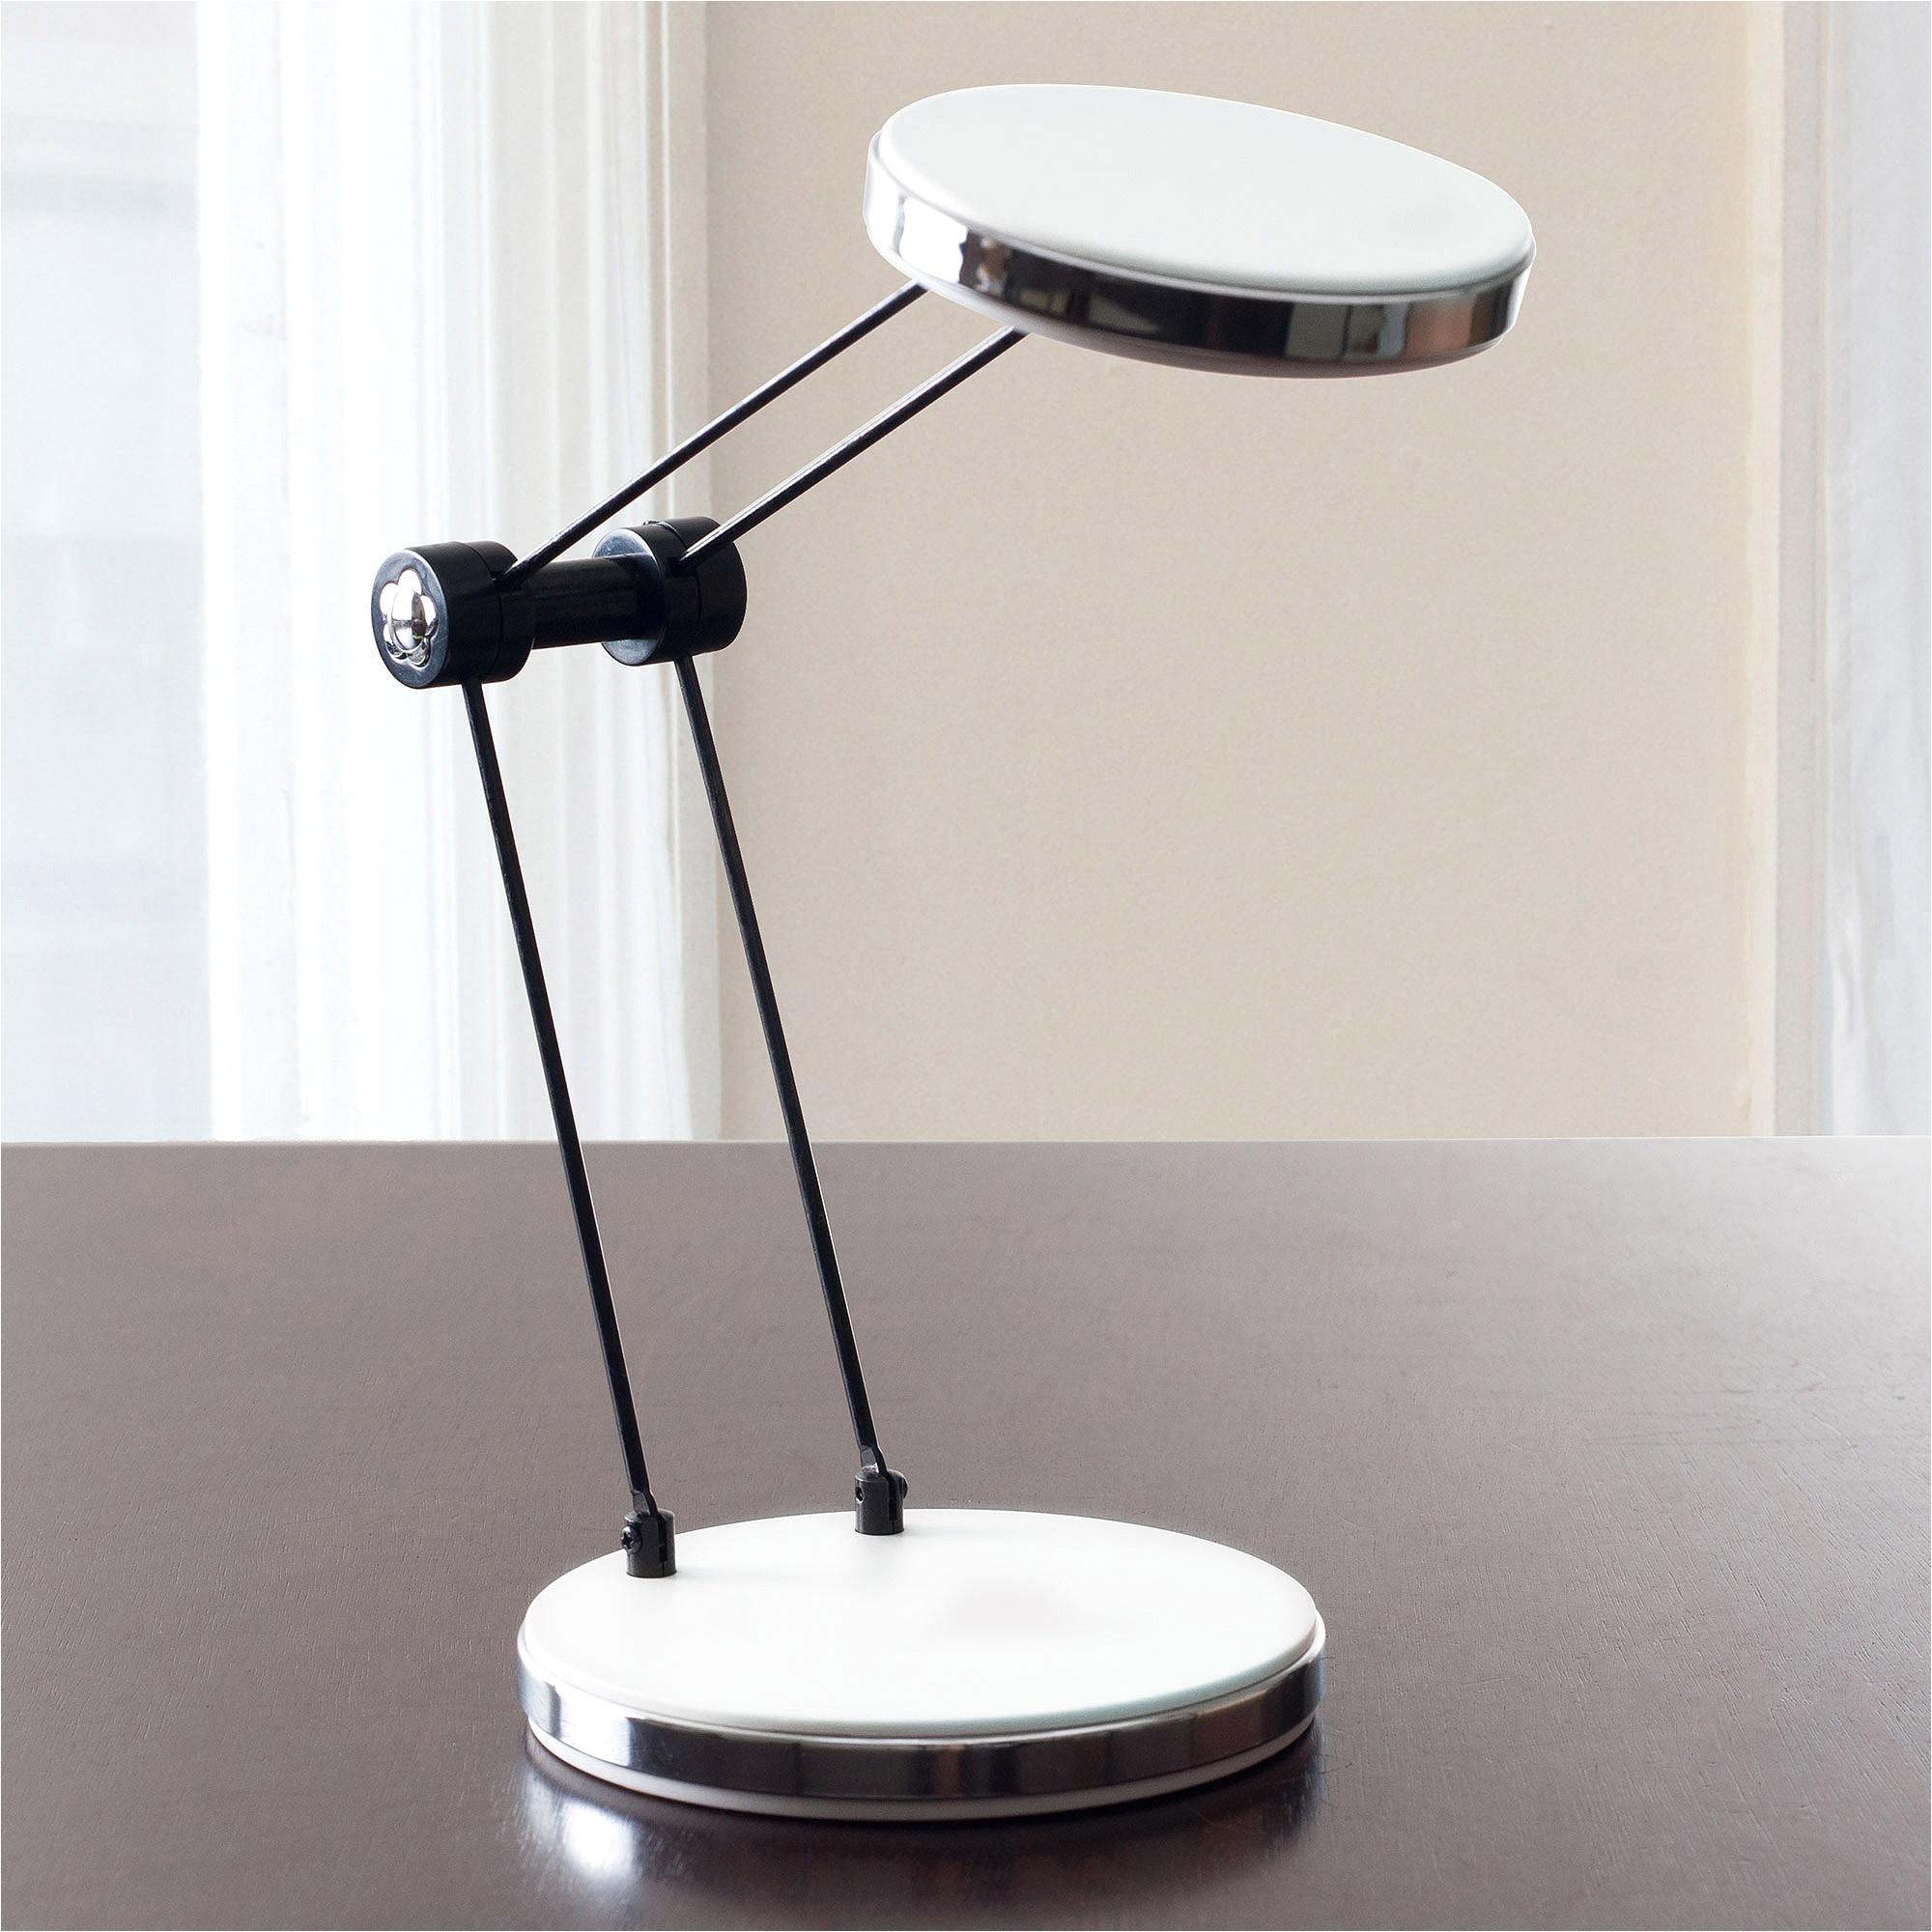 desk lamp led usb new led fice lamp led fice lamp faacusa of desk lamp led usb